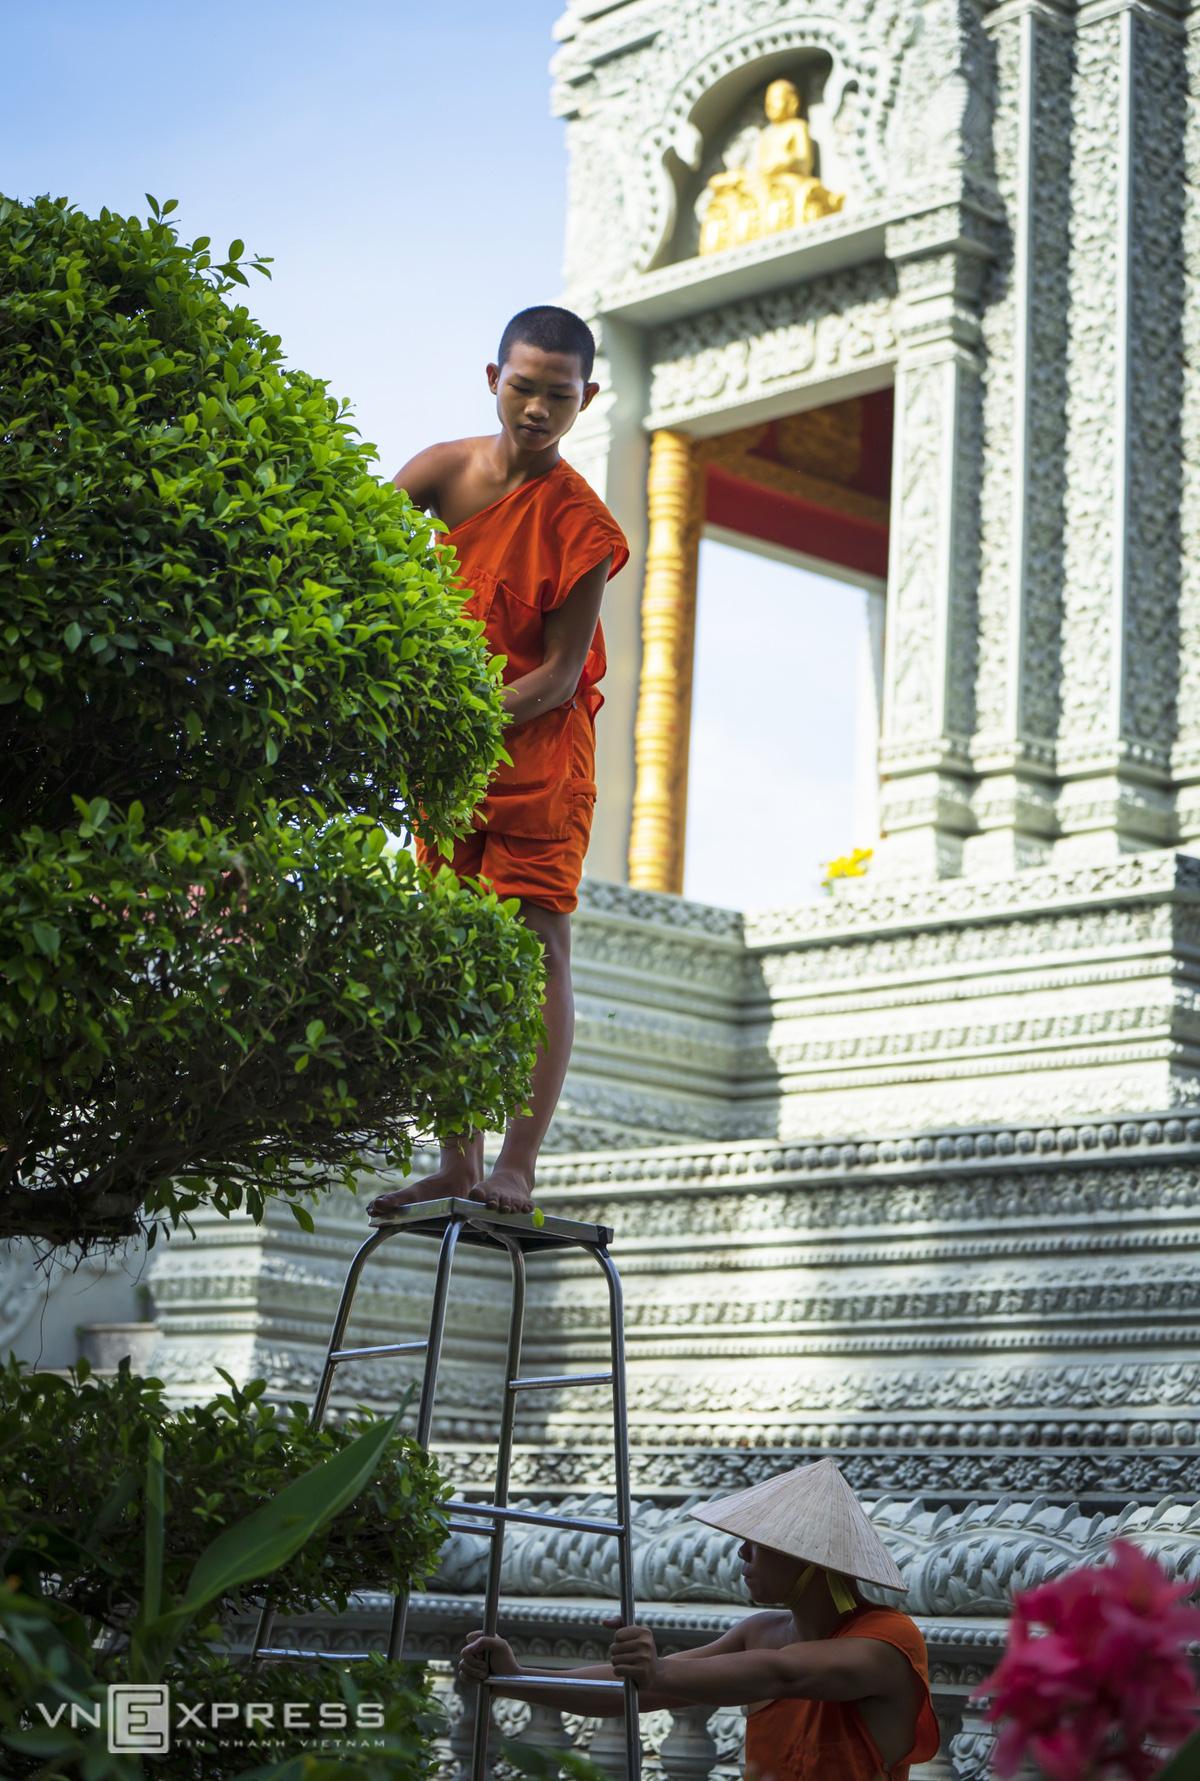 Ngày giáp Tết trong chùa có tượng Phật nằm khổng lồ - Ảnh 4.